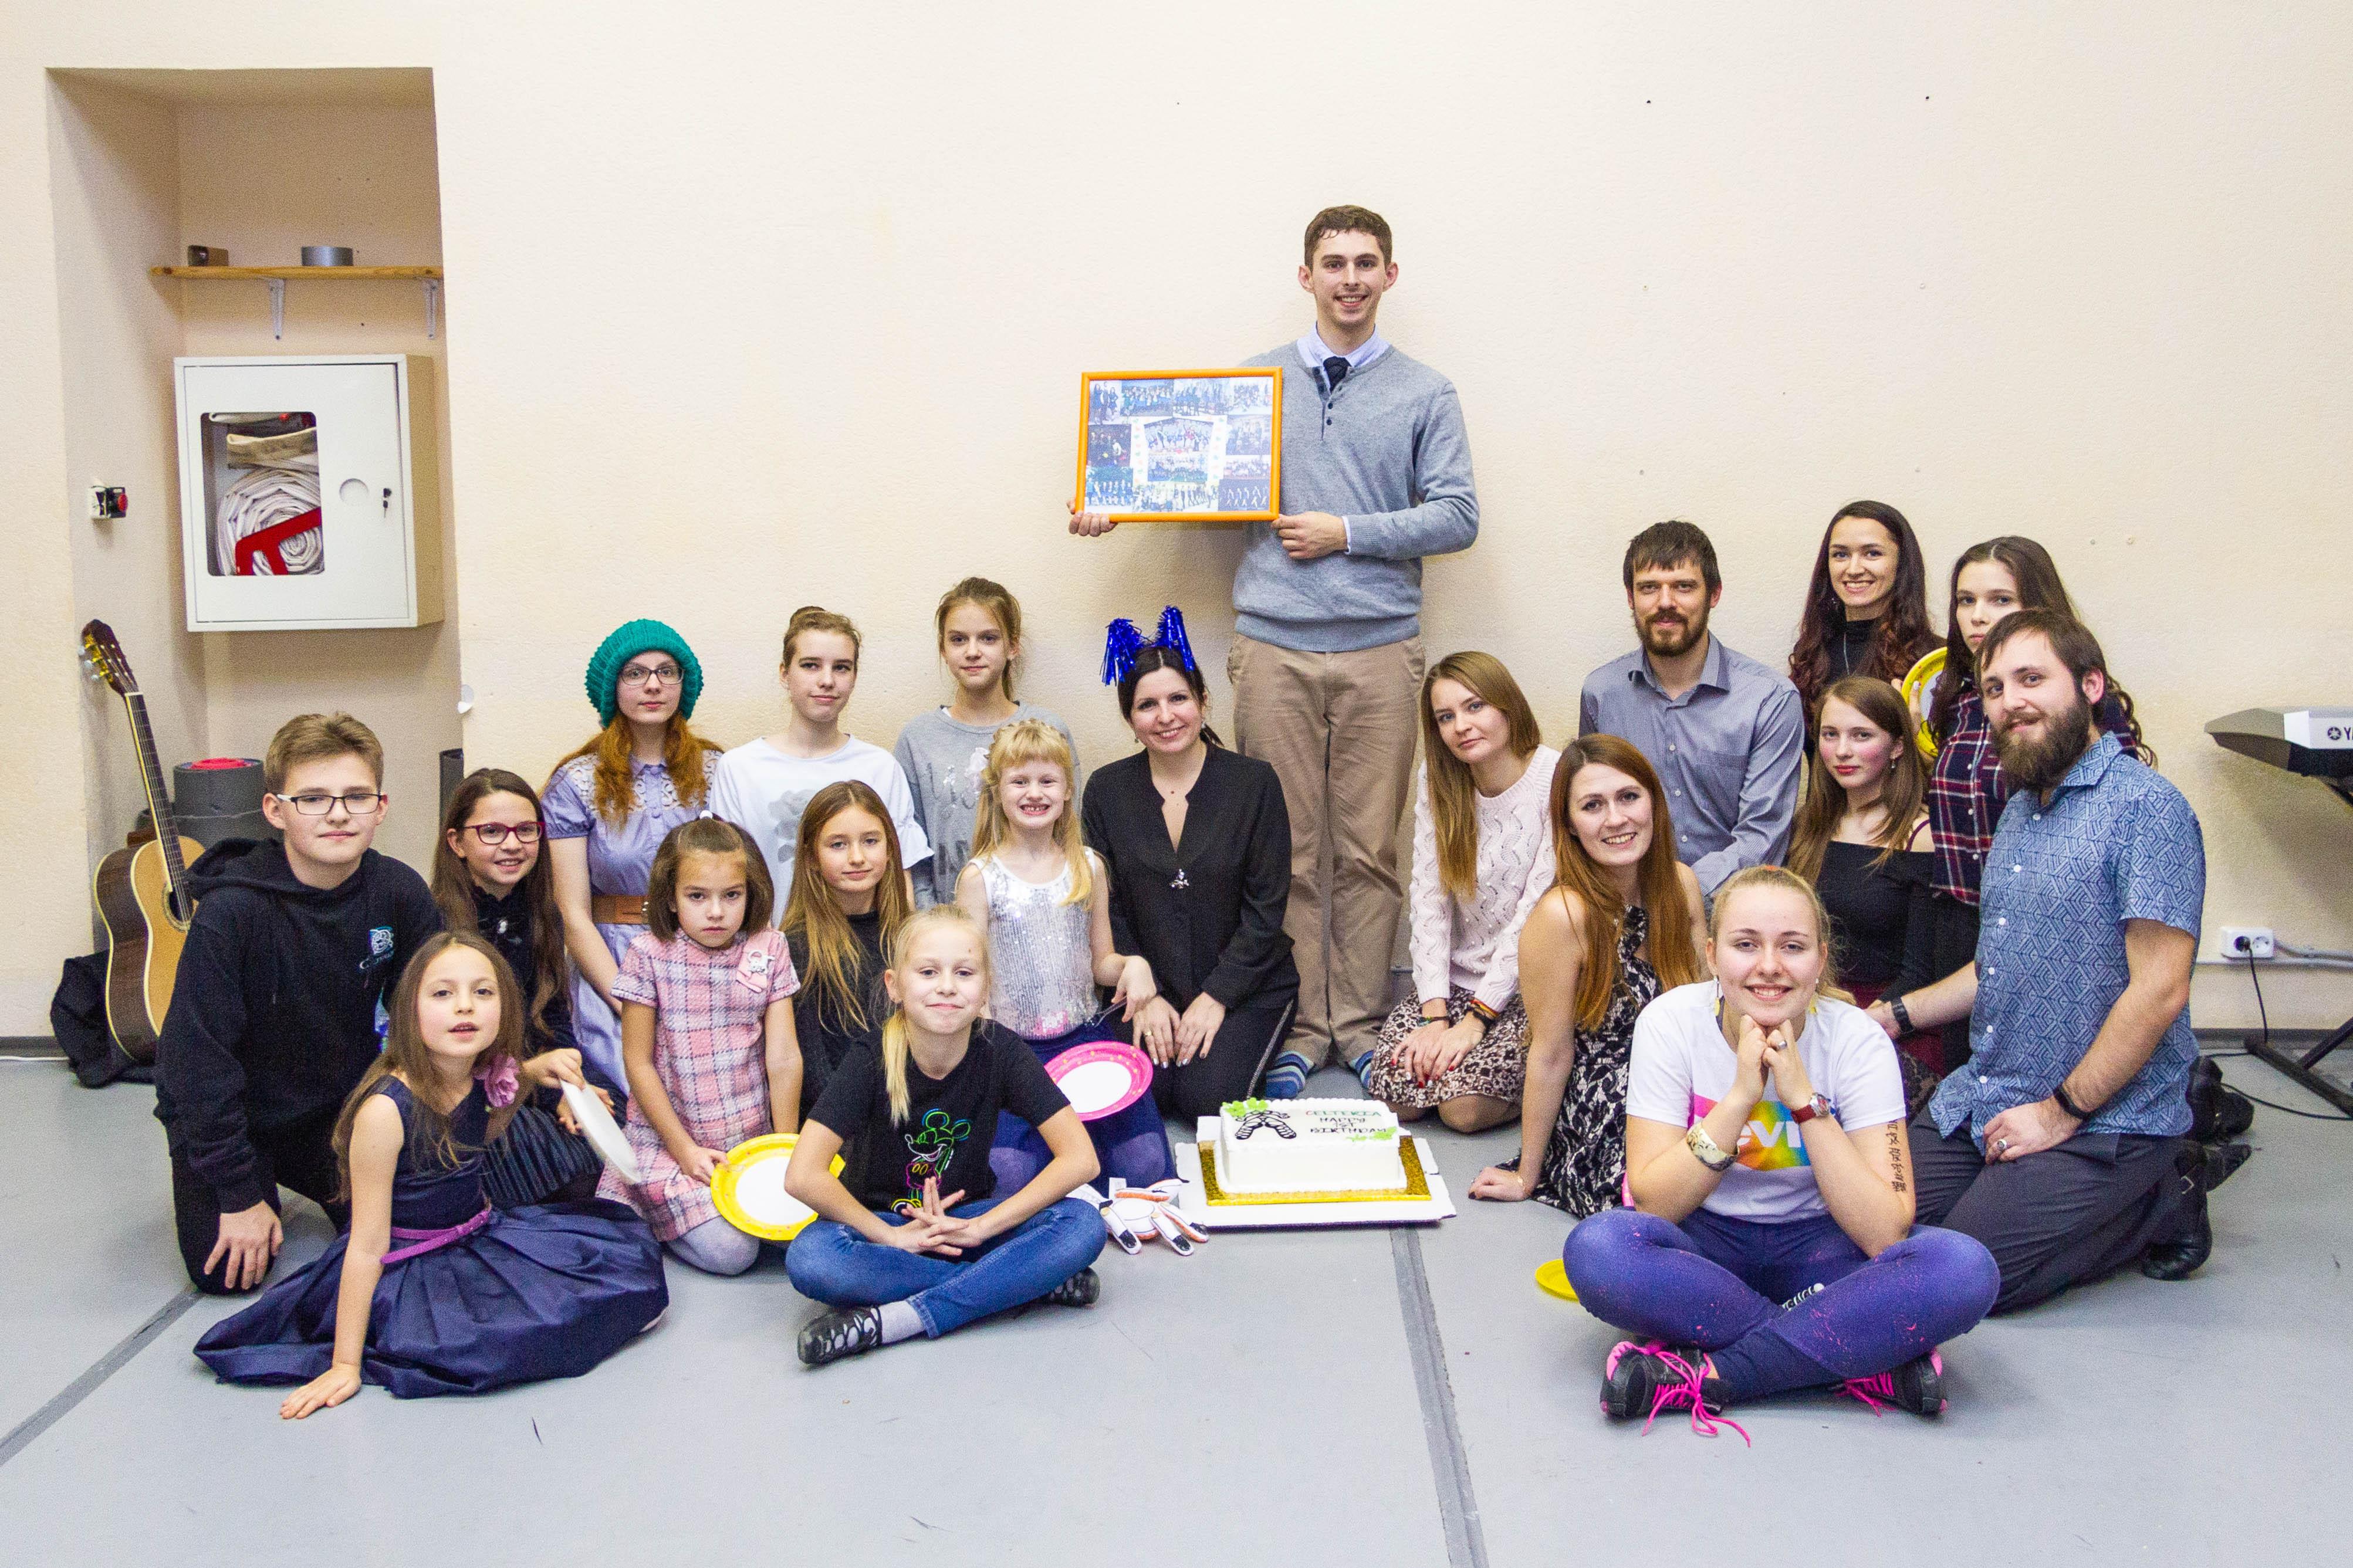 Школа ирландских танцев Кельтерия отметила 1 год существования